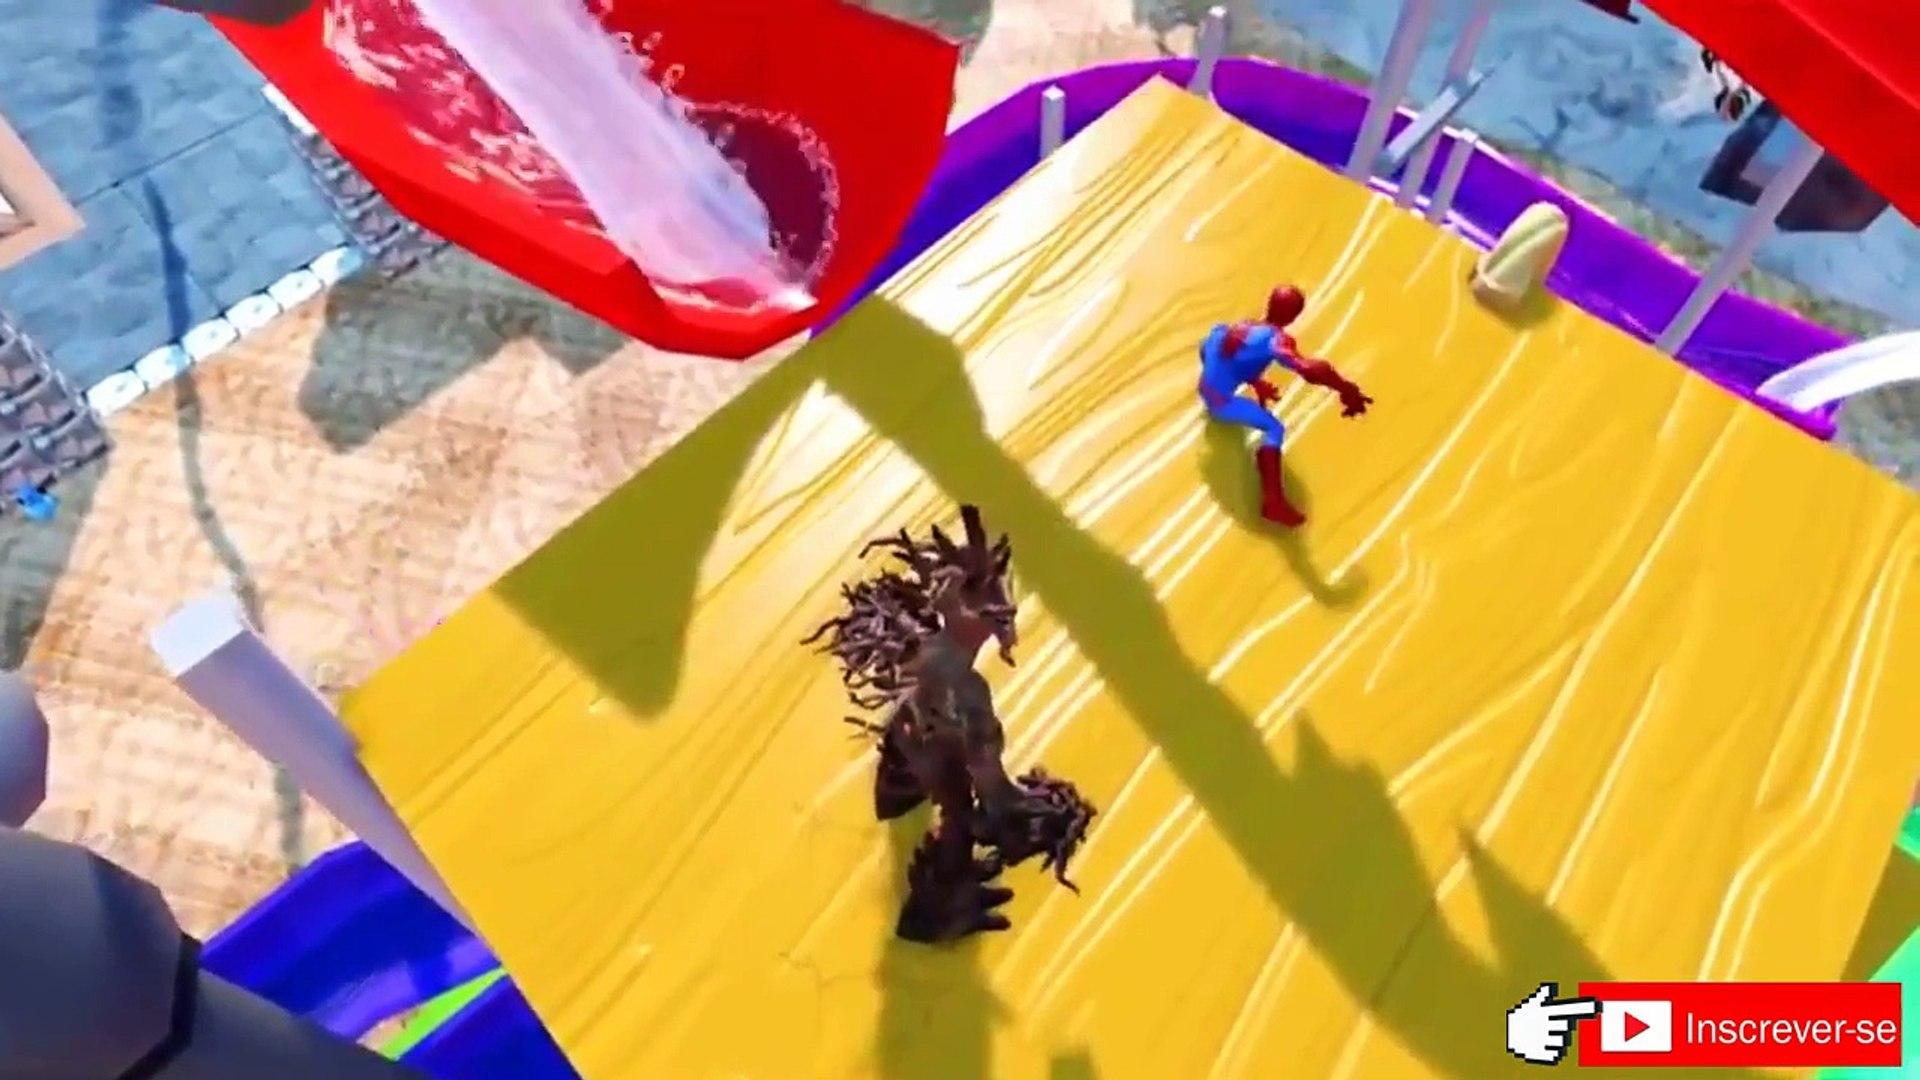 Homem aranha & Groot save Disney Pixar Carros McQueen from prisão, Jogo homem aranha de DCTV